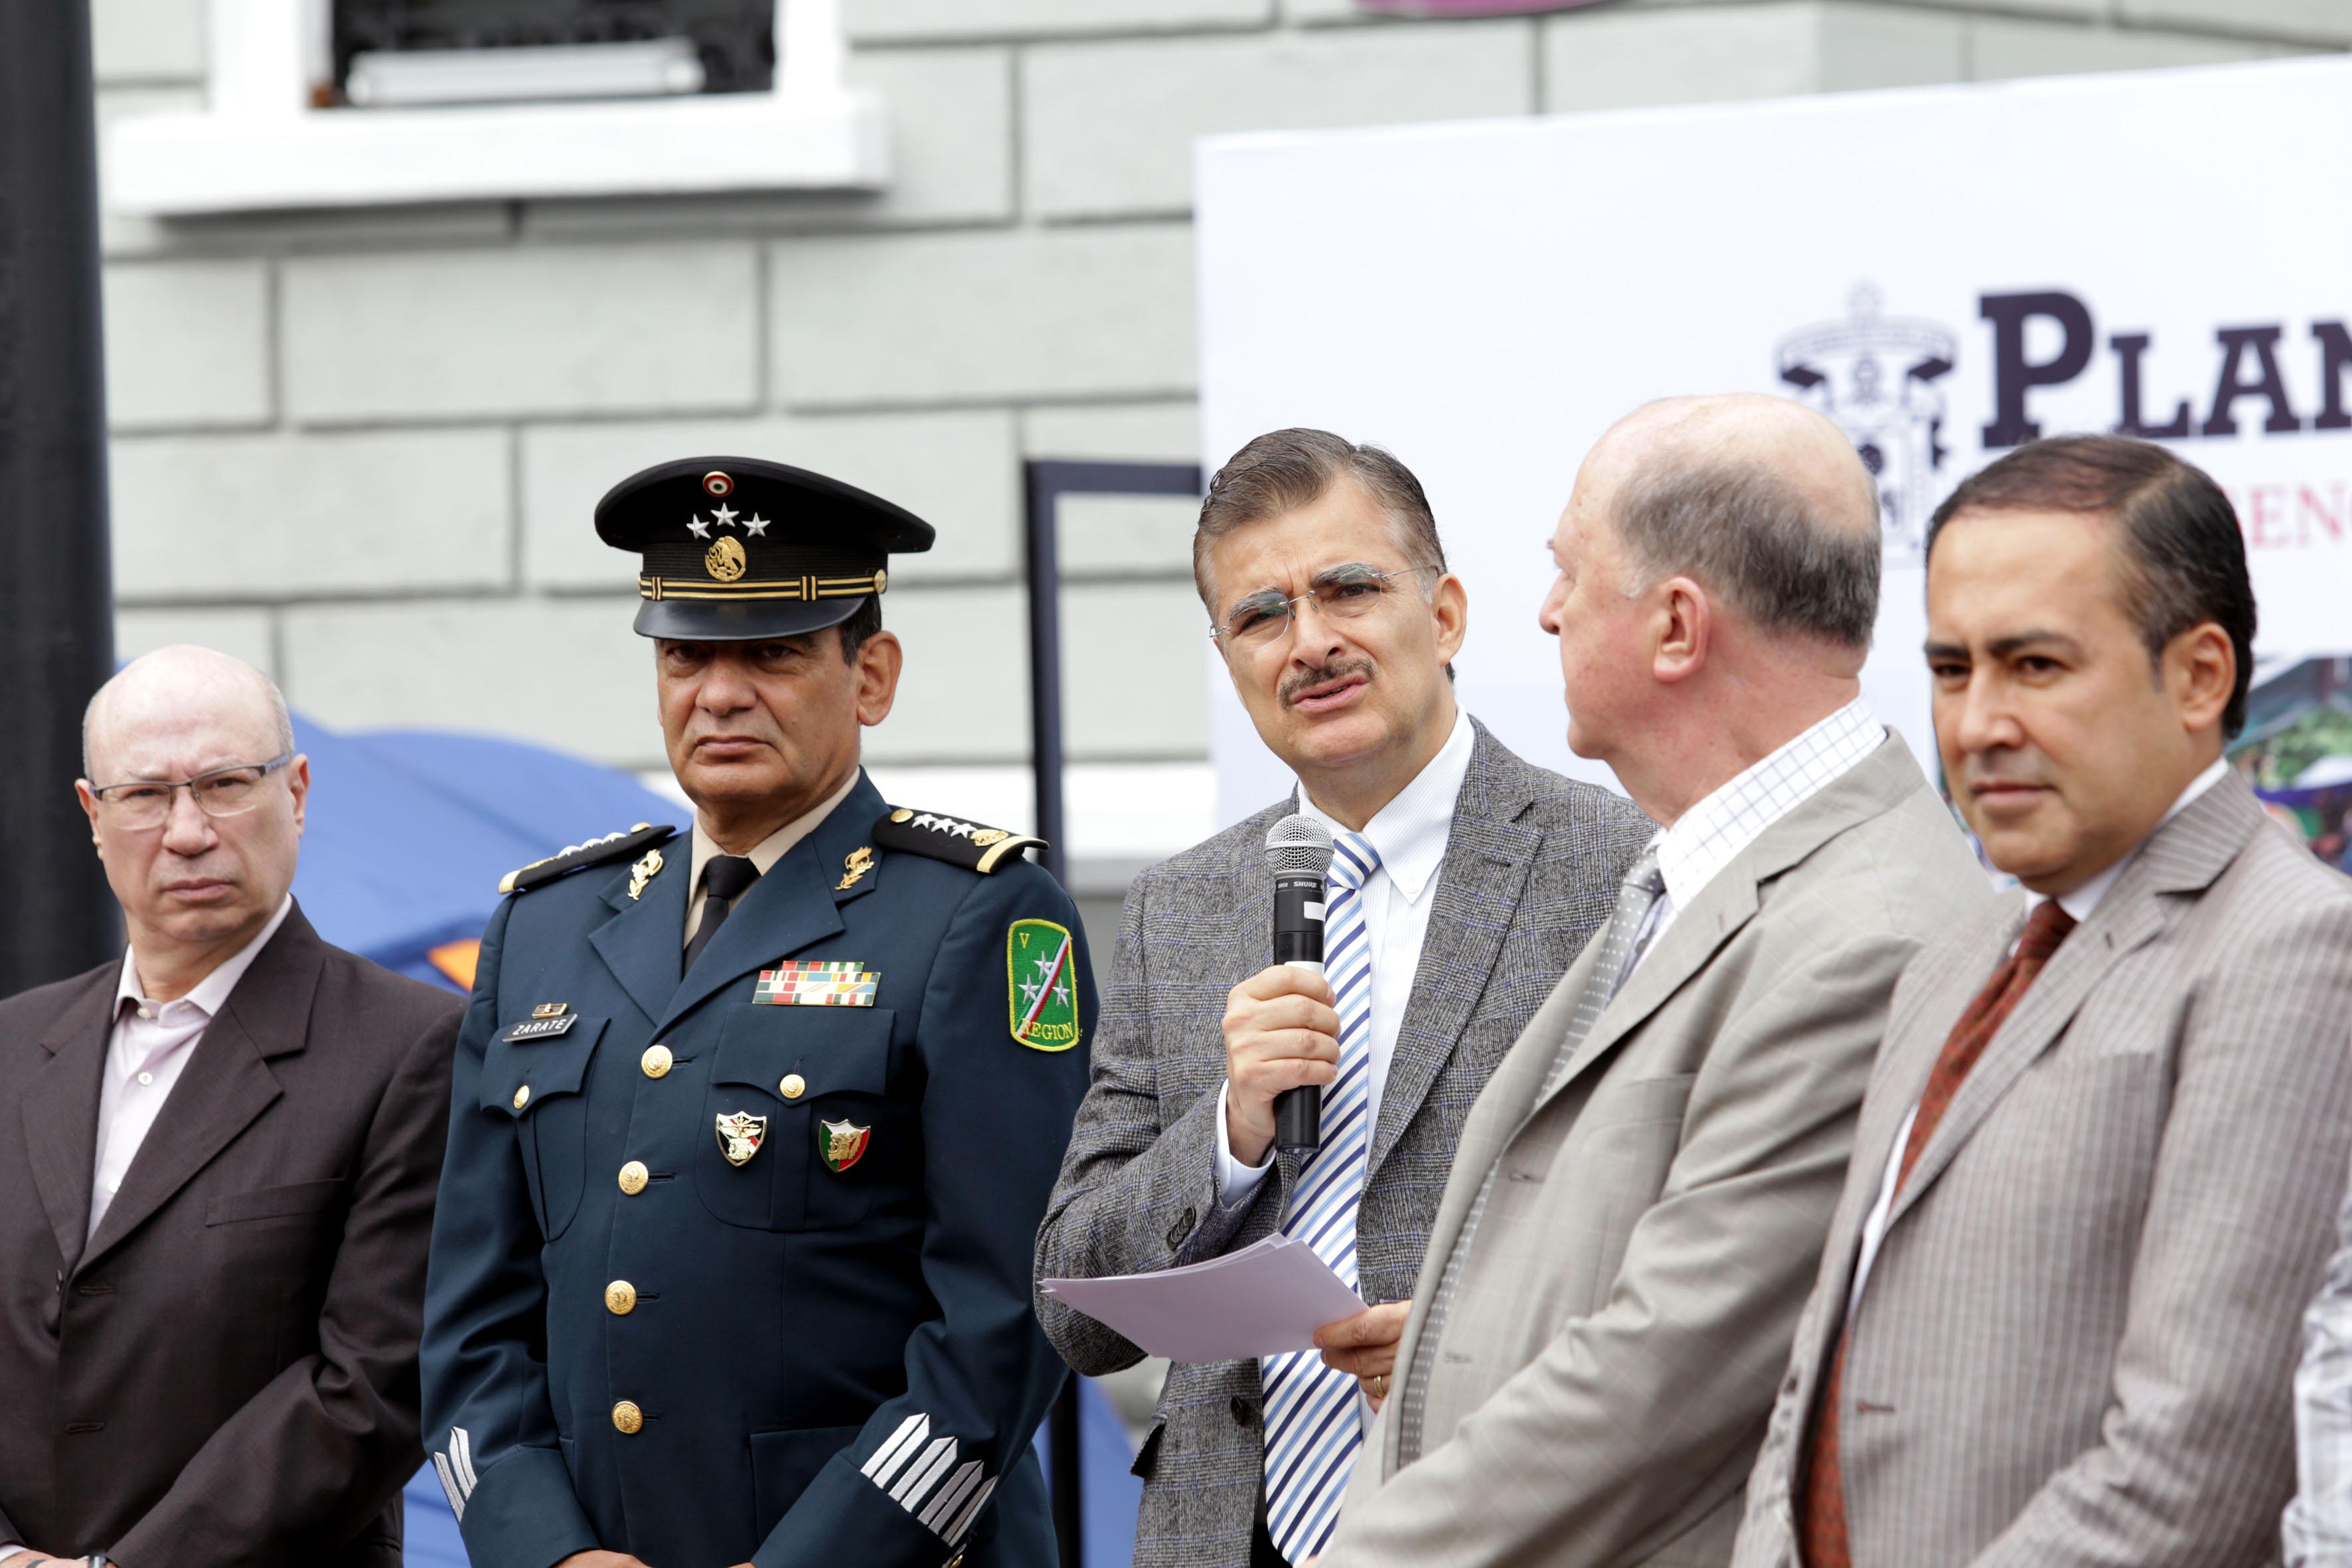 Rector general habla. En la imagen aparece el rector del CUCS, Dr. Jaime Andrade Villanueva